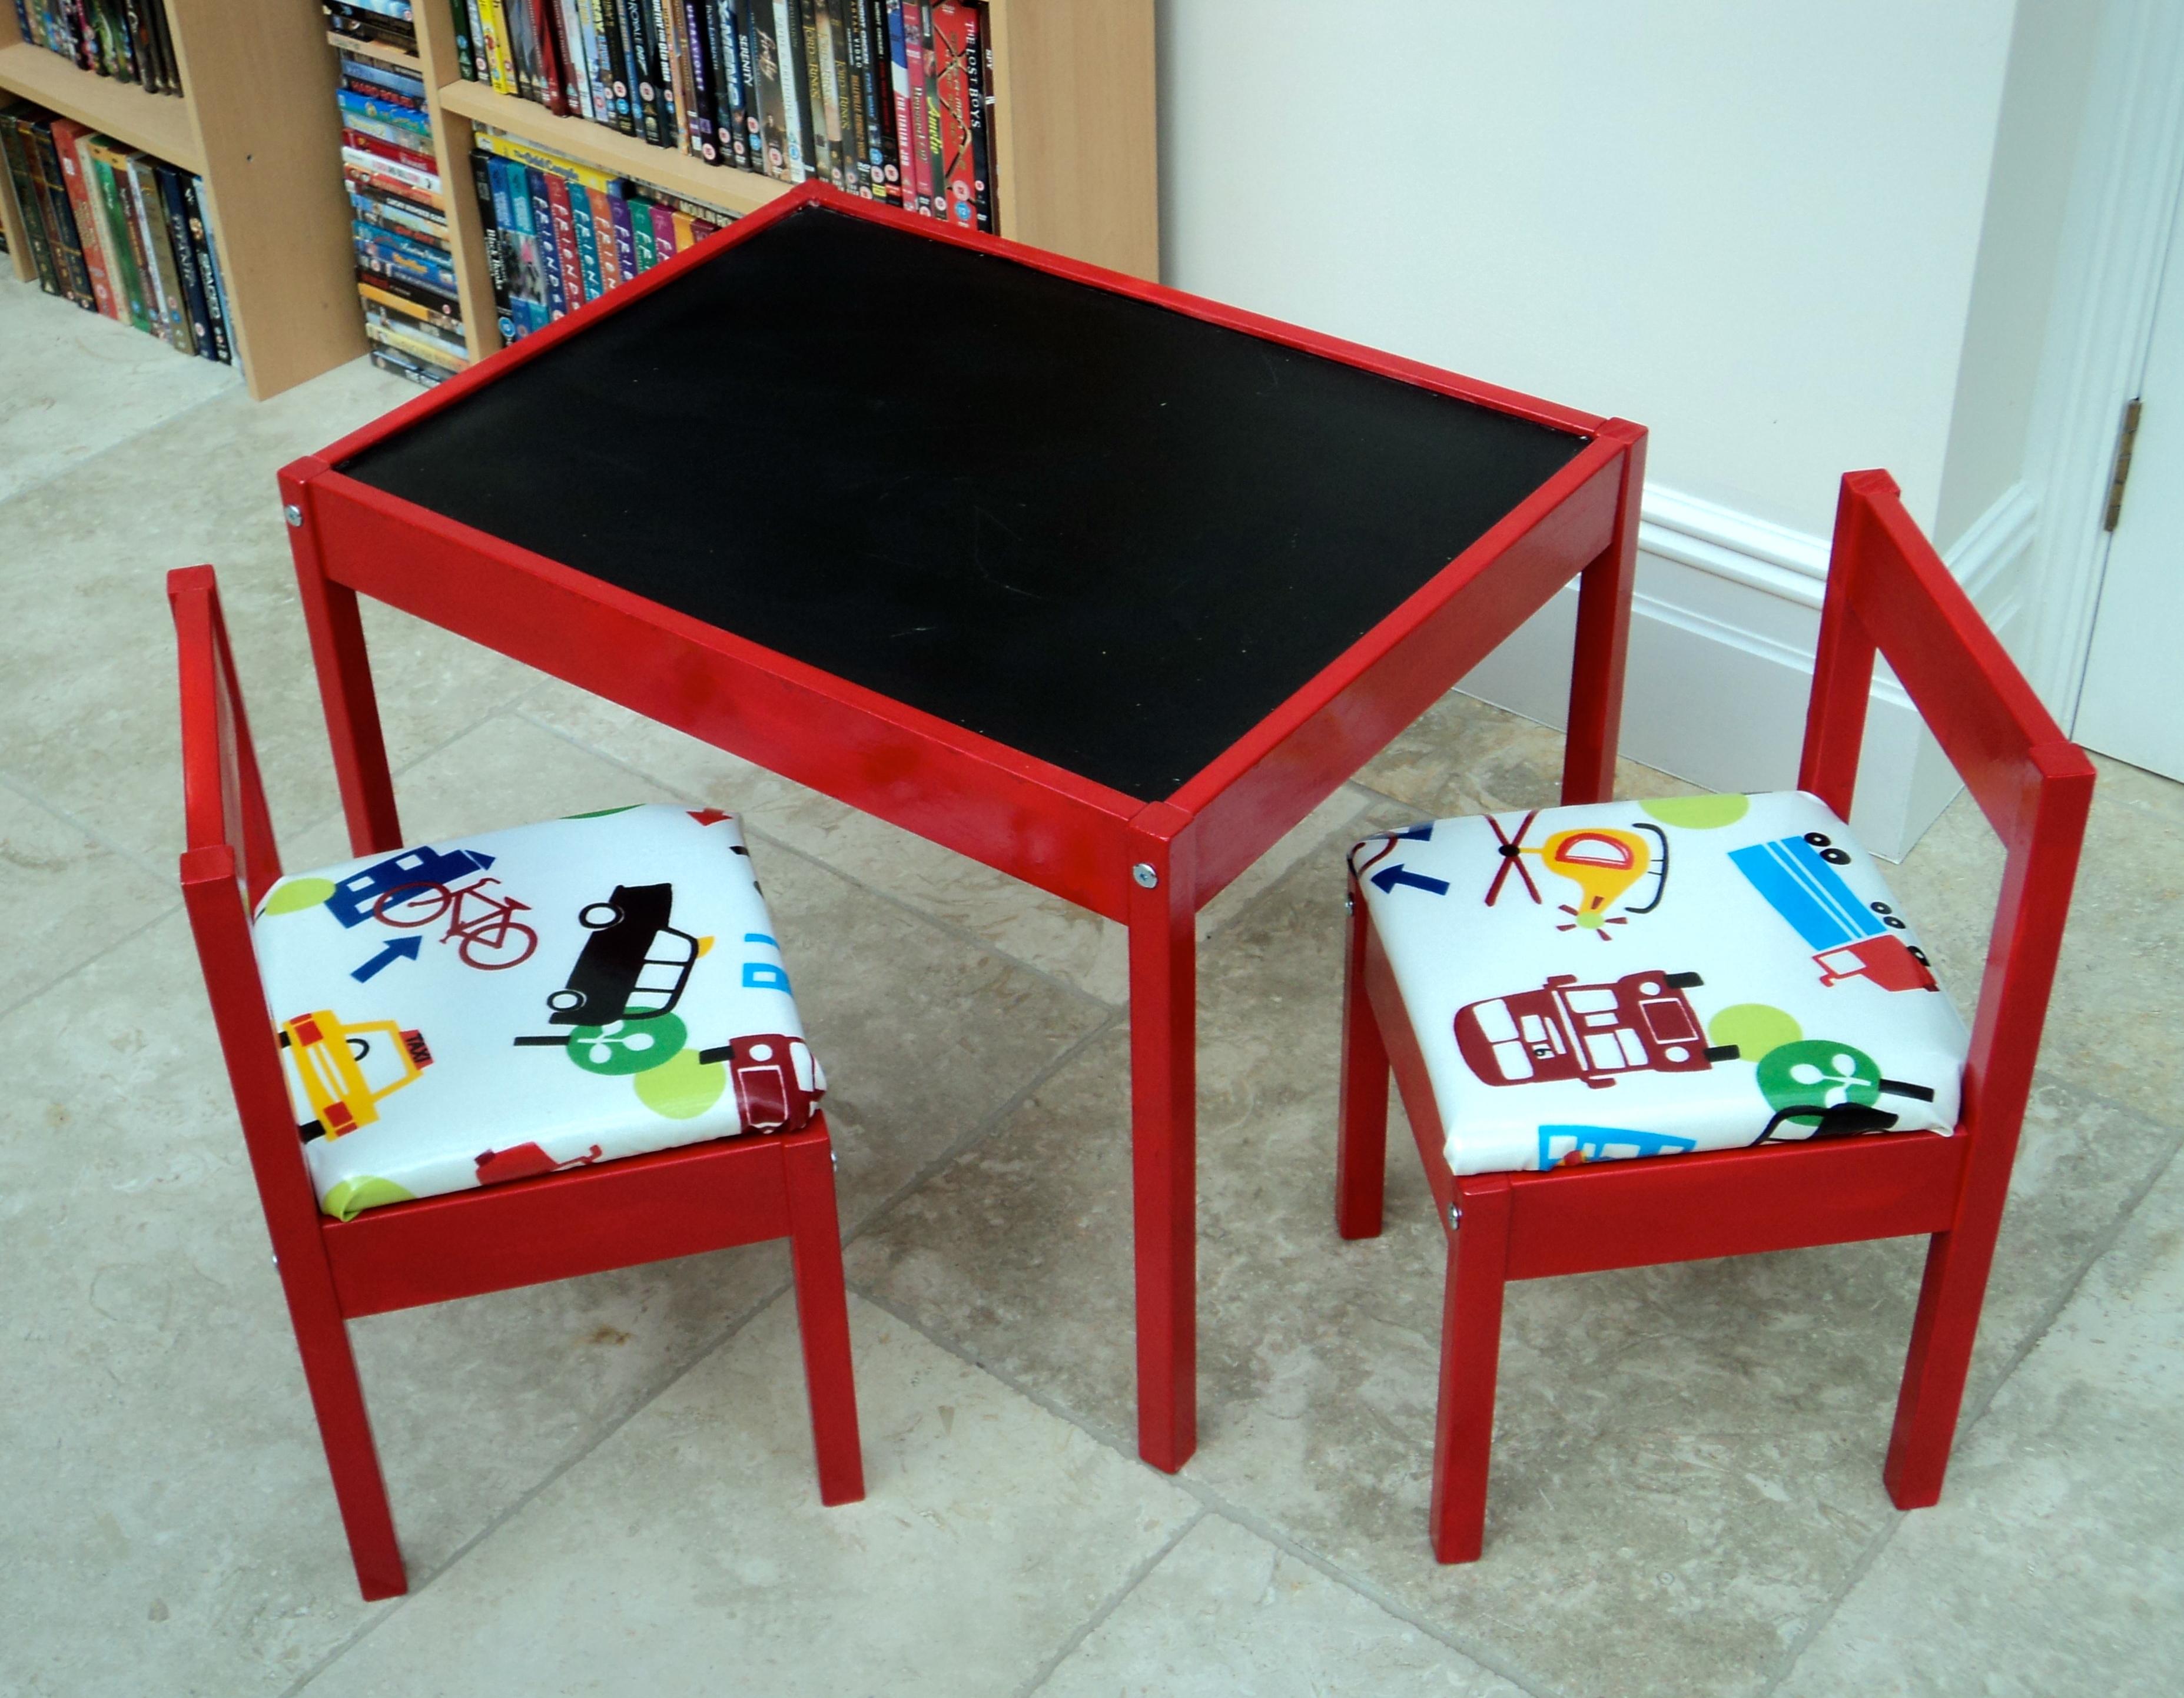 Ikea Latt Børnebord og stole Håndværksnav, der vedrører Ikea Børnebord og stole Ikea Børnebord og stole beregnet til hjemmet - Indvendigt og udvendigt design nemt